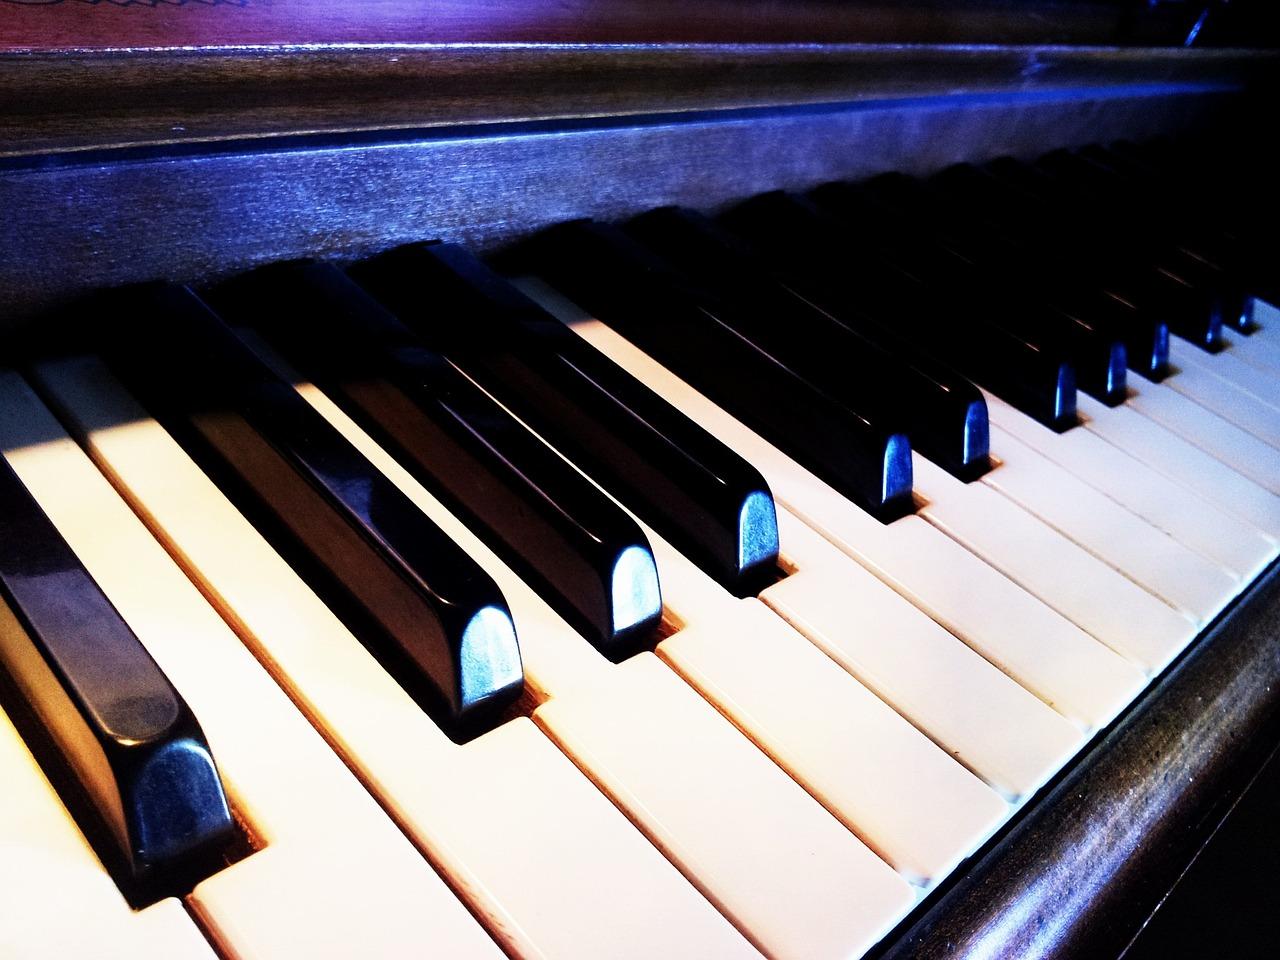 высаживать фото красивых клавиш пианино мне